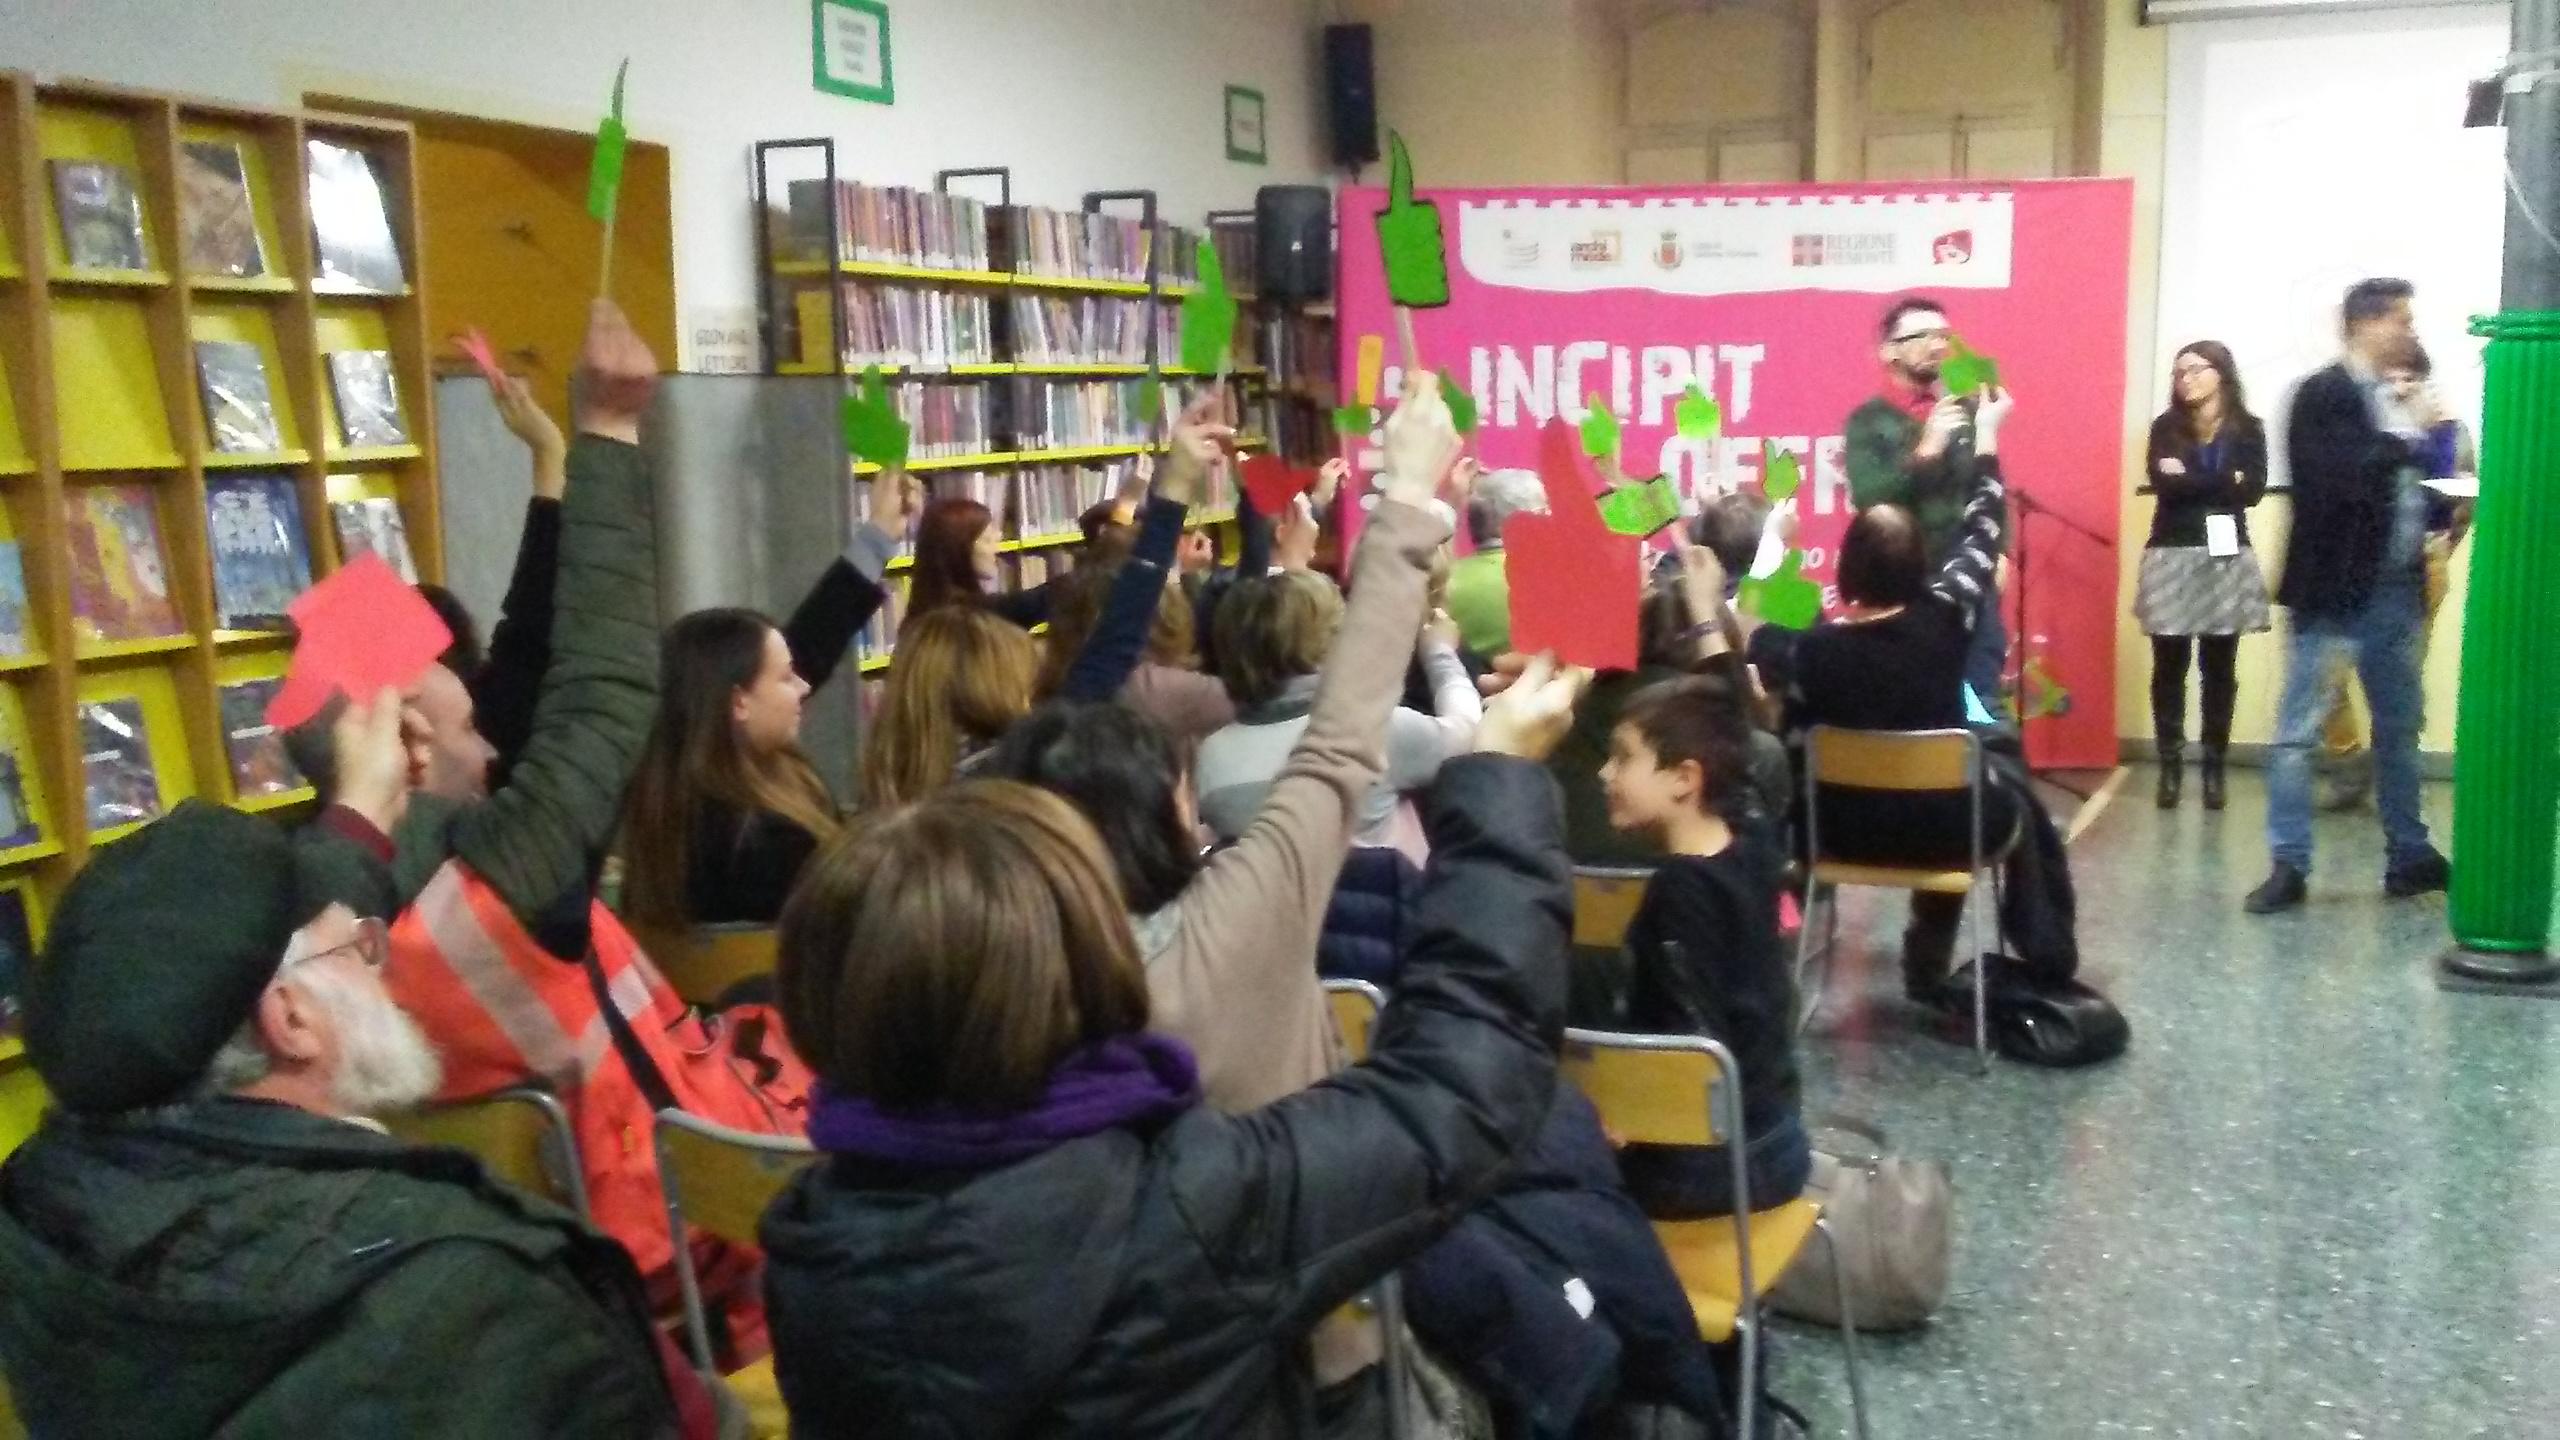 Incipit @ Biblioteca Civica di Collegno, 7 febbraio 2019